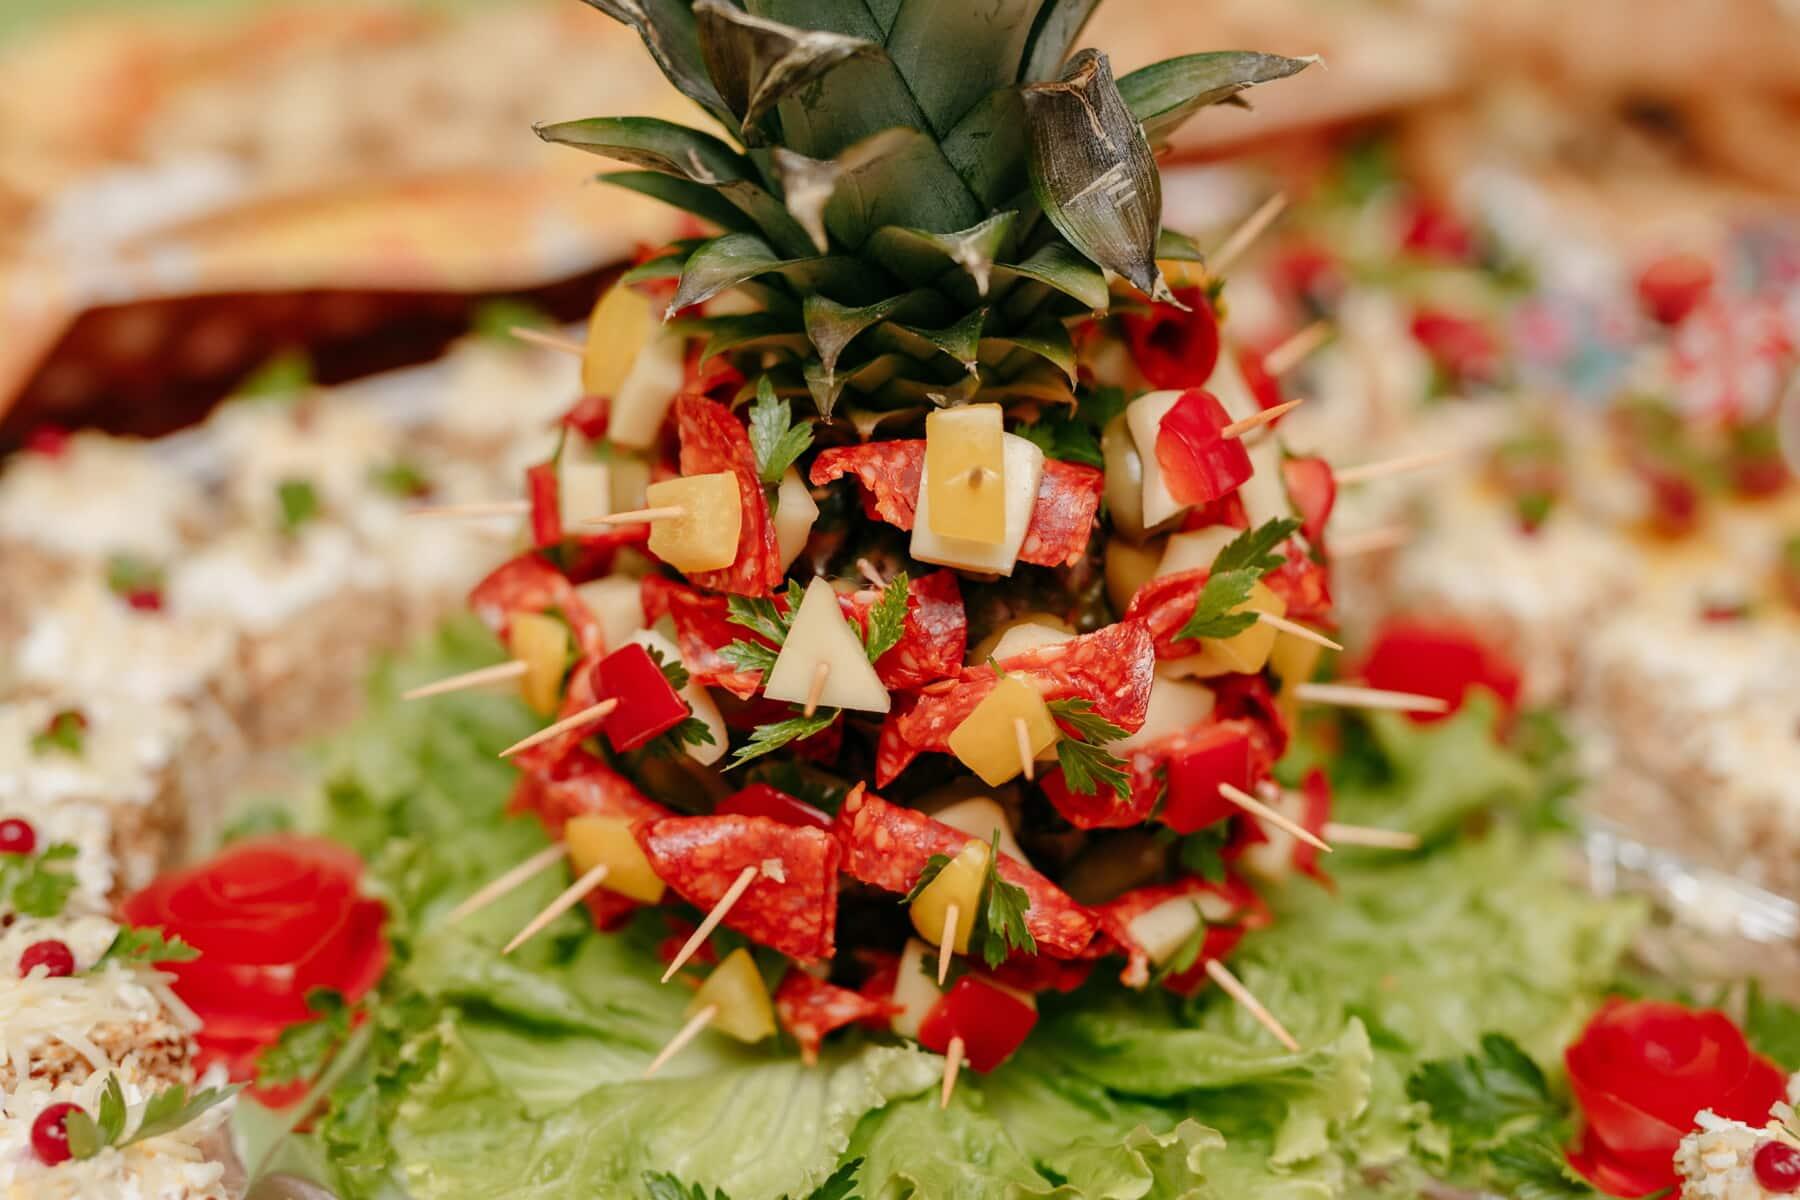 Ananas, Obst, Wurst, vom Buffet, Salat-bar, Käse, Dekoration, Produkte, Essen, sehr lecker